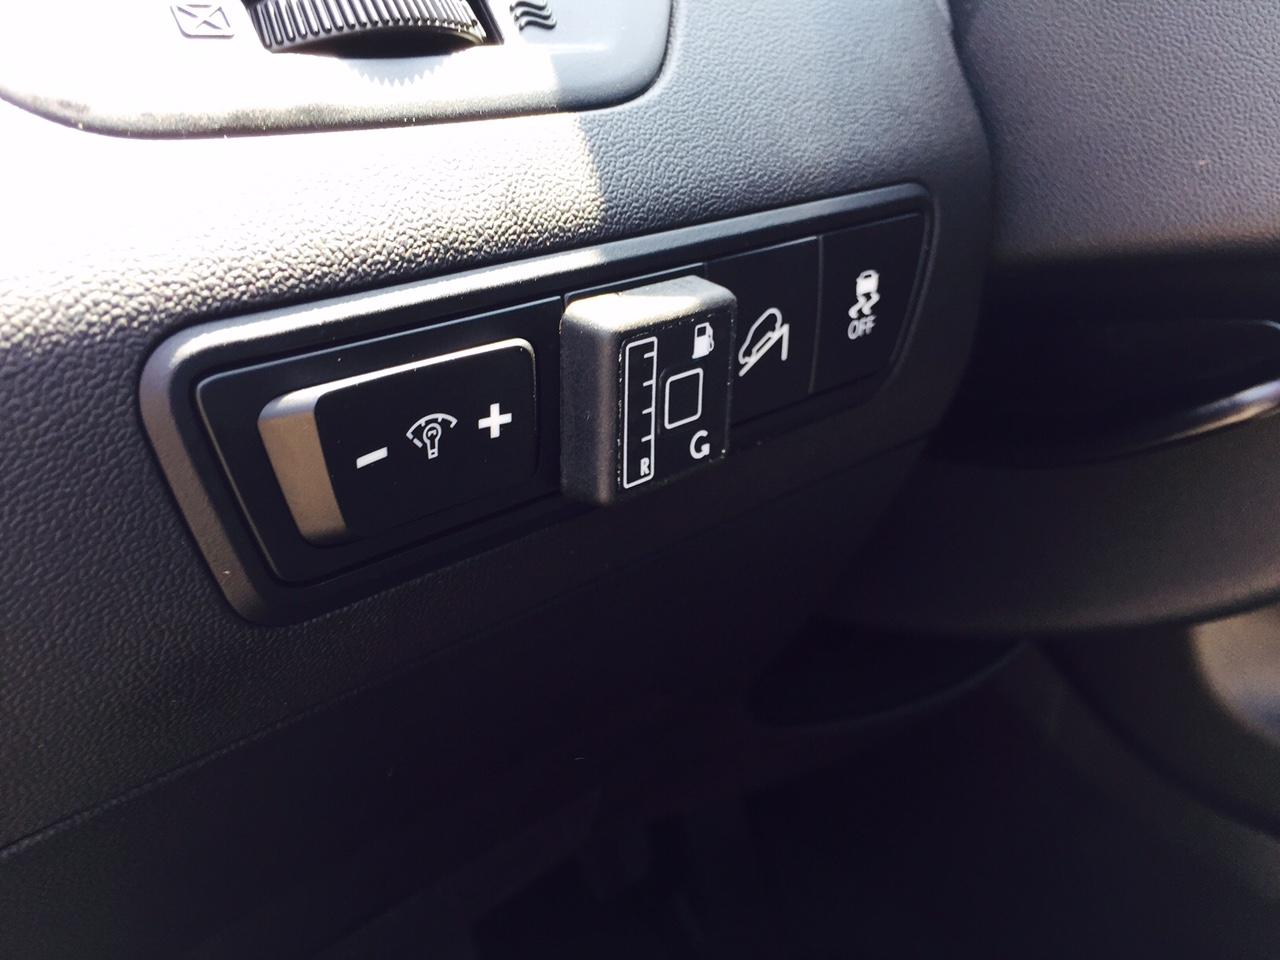 frontgas-autogas-umbau-lpg-hyundai-ix35-16-direkteinspritzer-verkaufsbild-autogasumruesstung-4